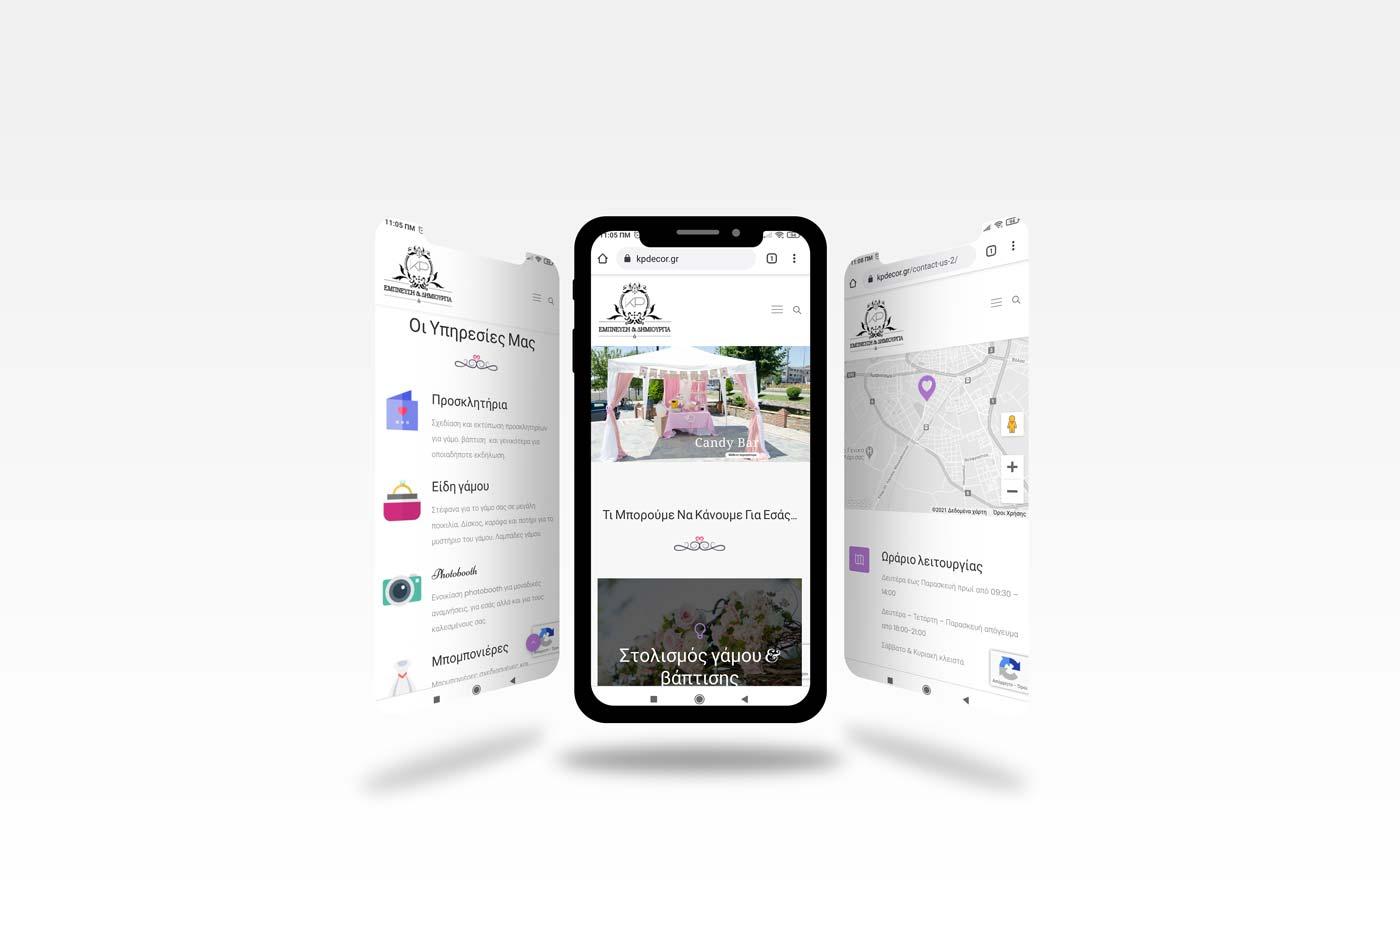 smartphone-mockup-02